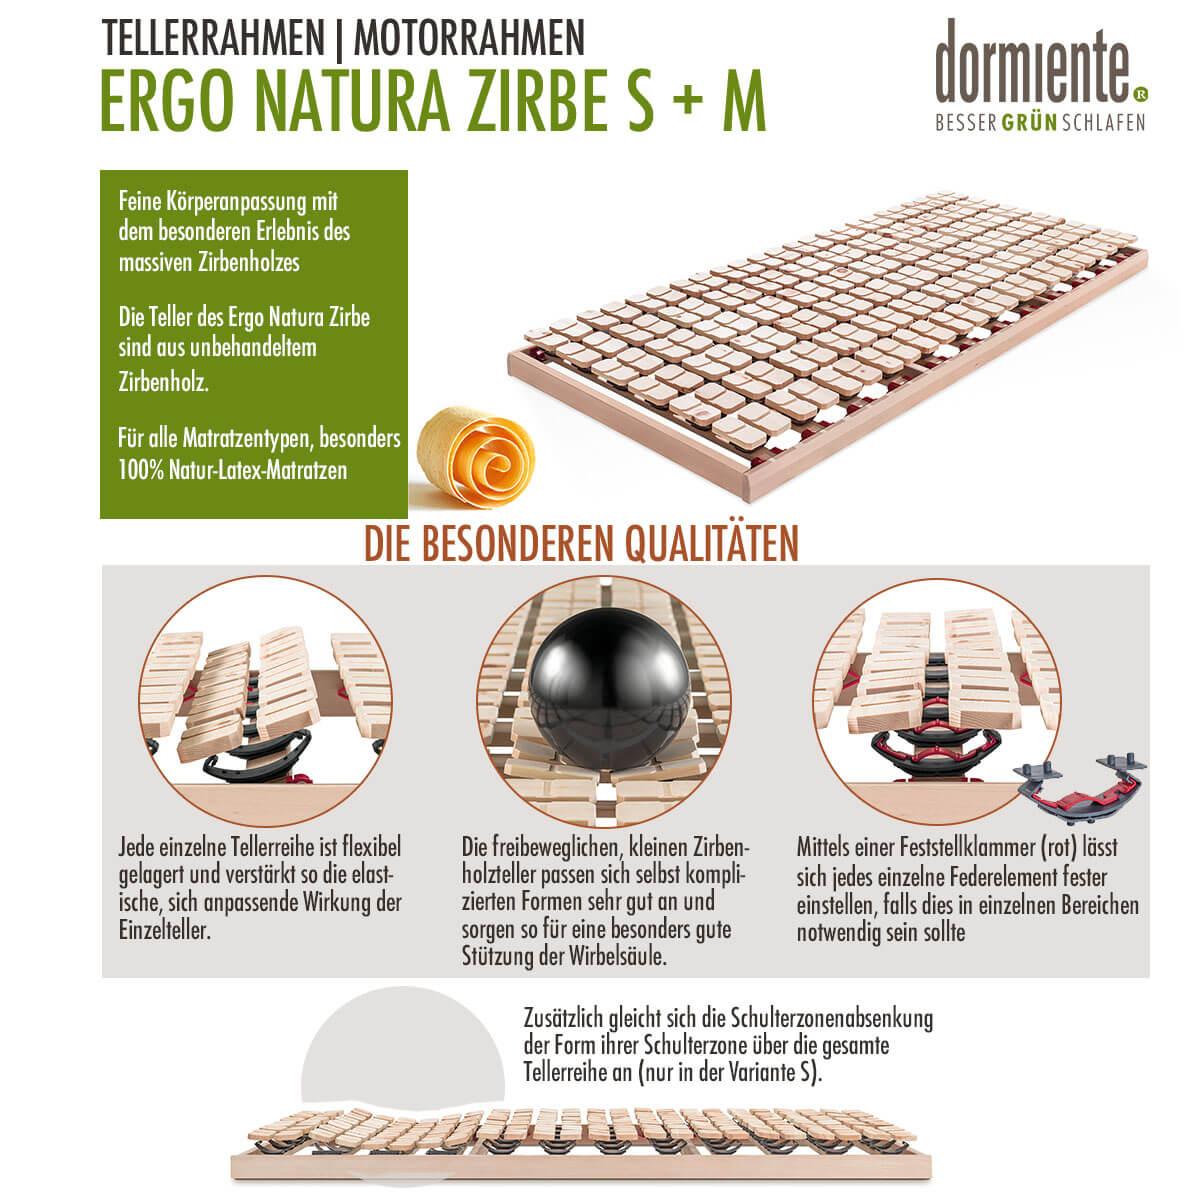 Dormiente-Ergo-Natura-Z-Federholzrahmen-Motorrahmen-online-bestellen